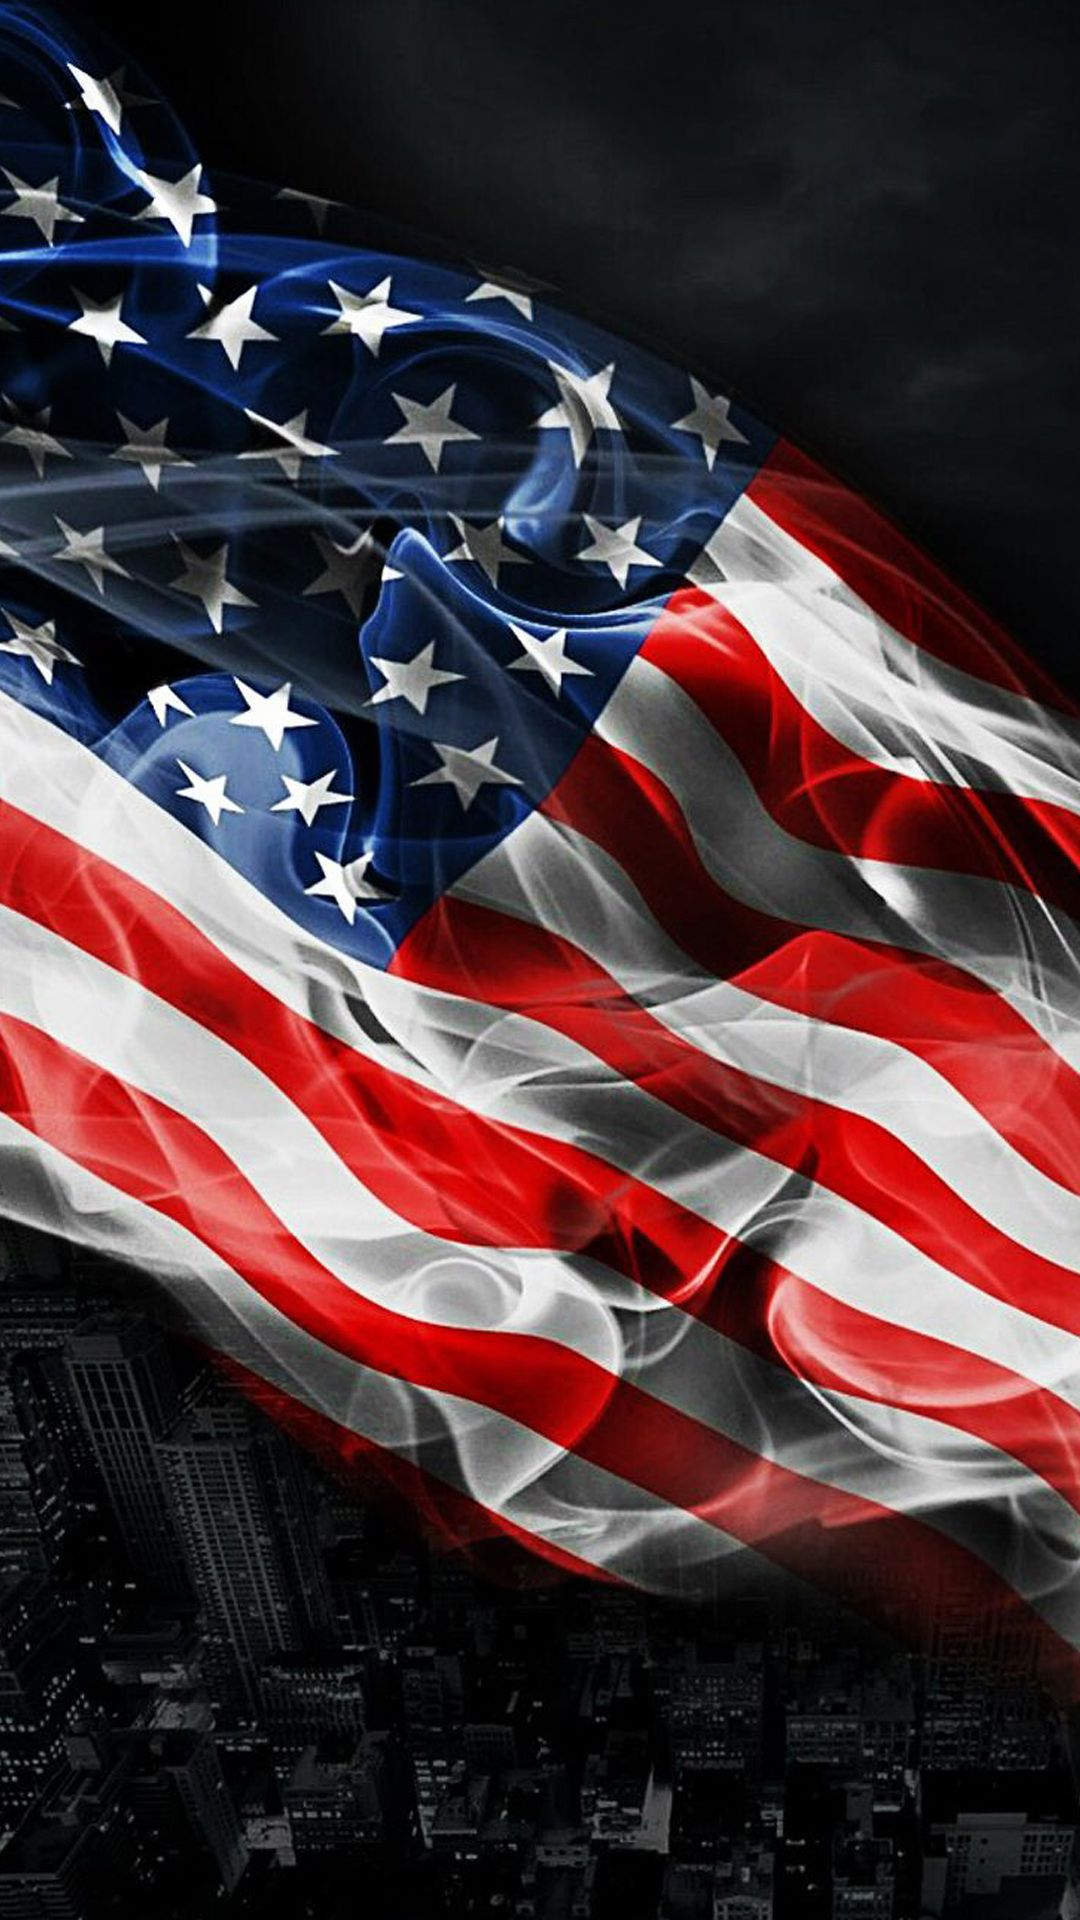 American Flag Screensavers And Wallpaper American Flag Wallpaper America Flag Wallpaper Usa Flag Wallpaper